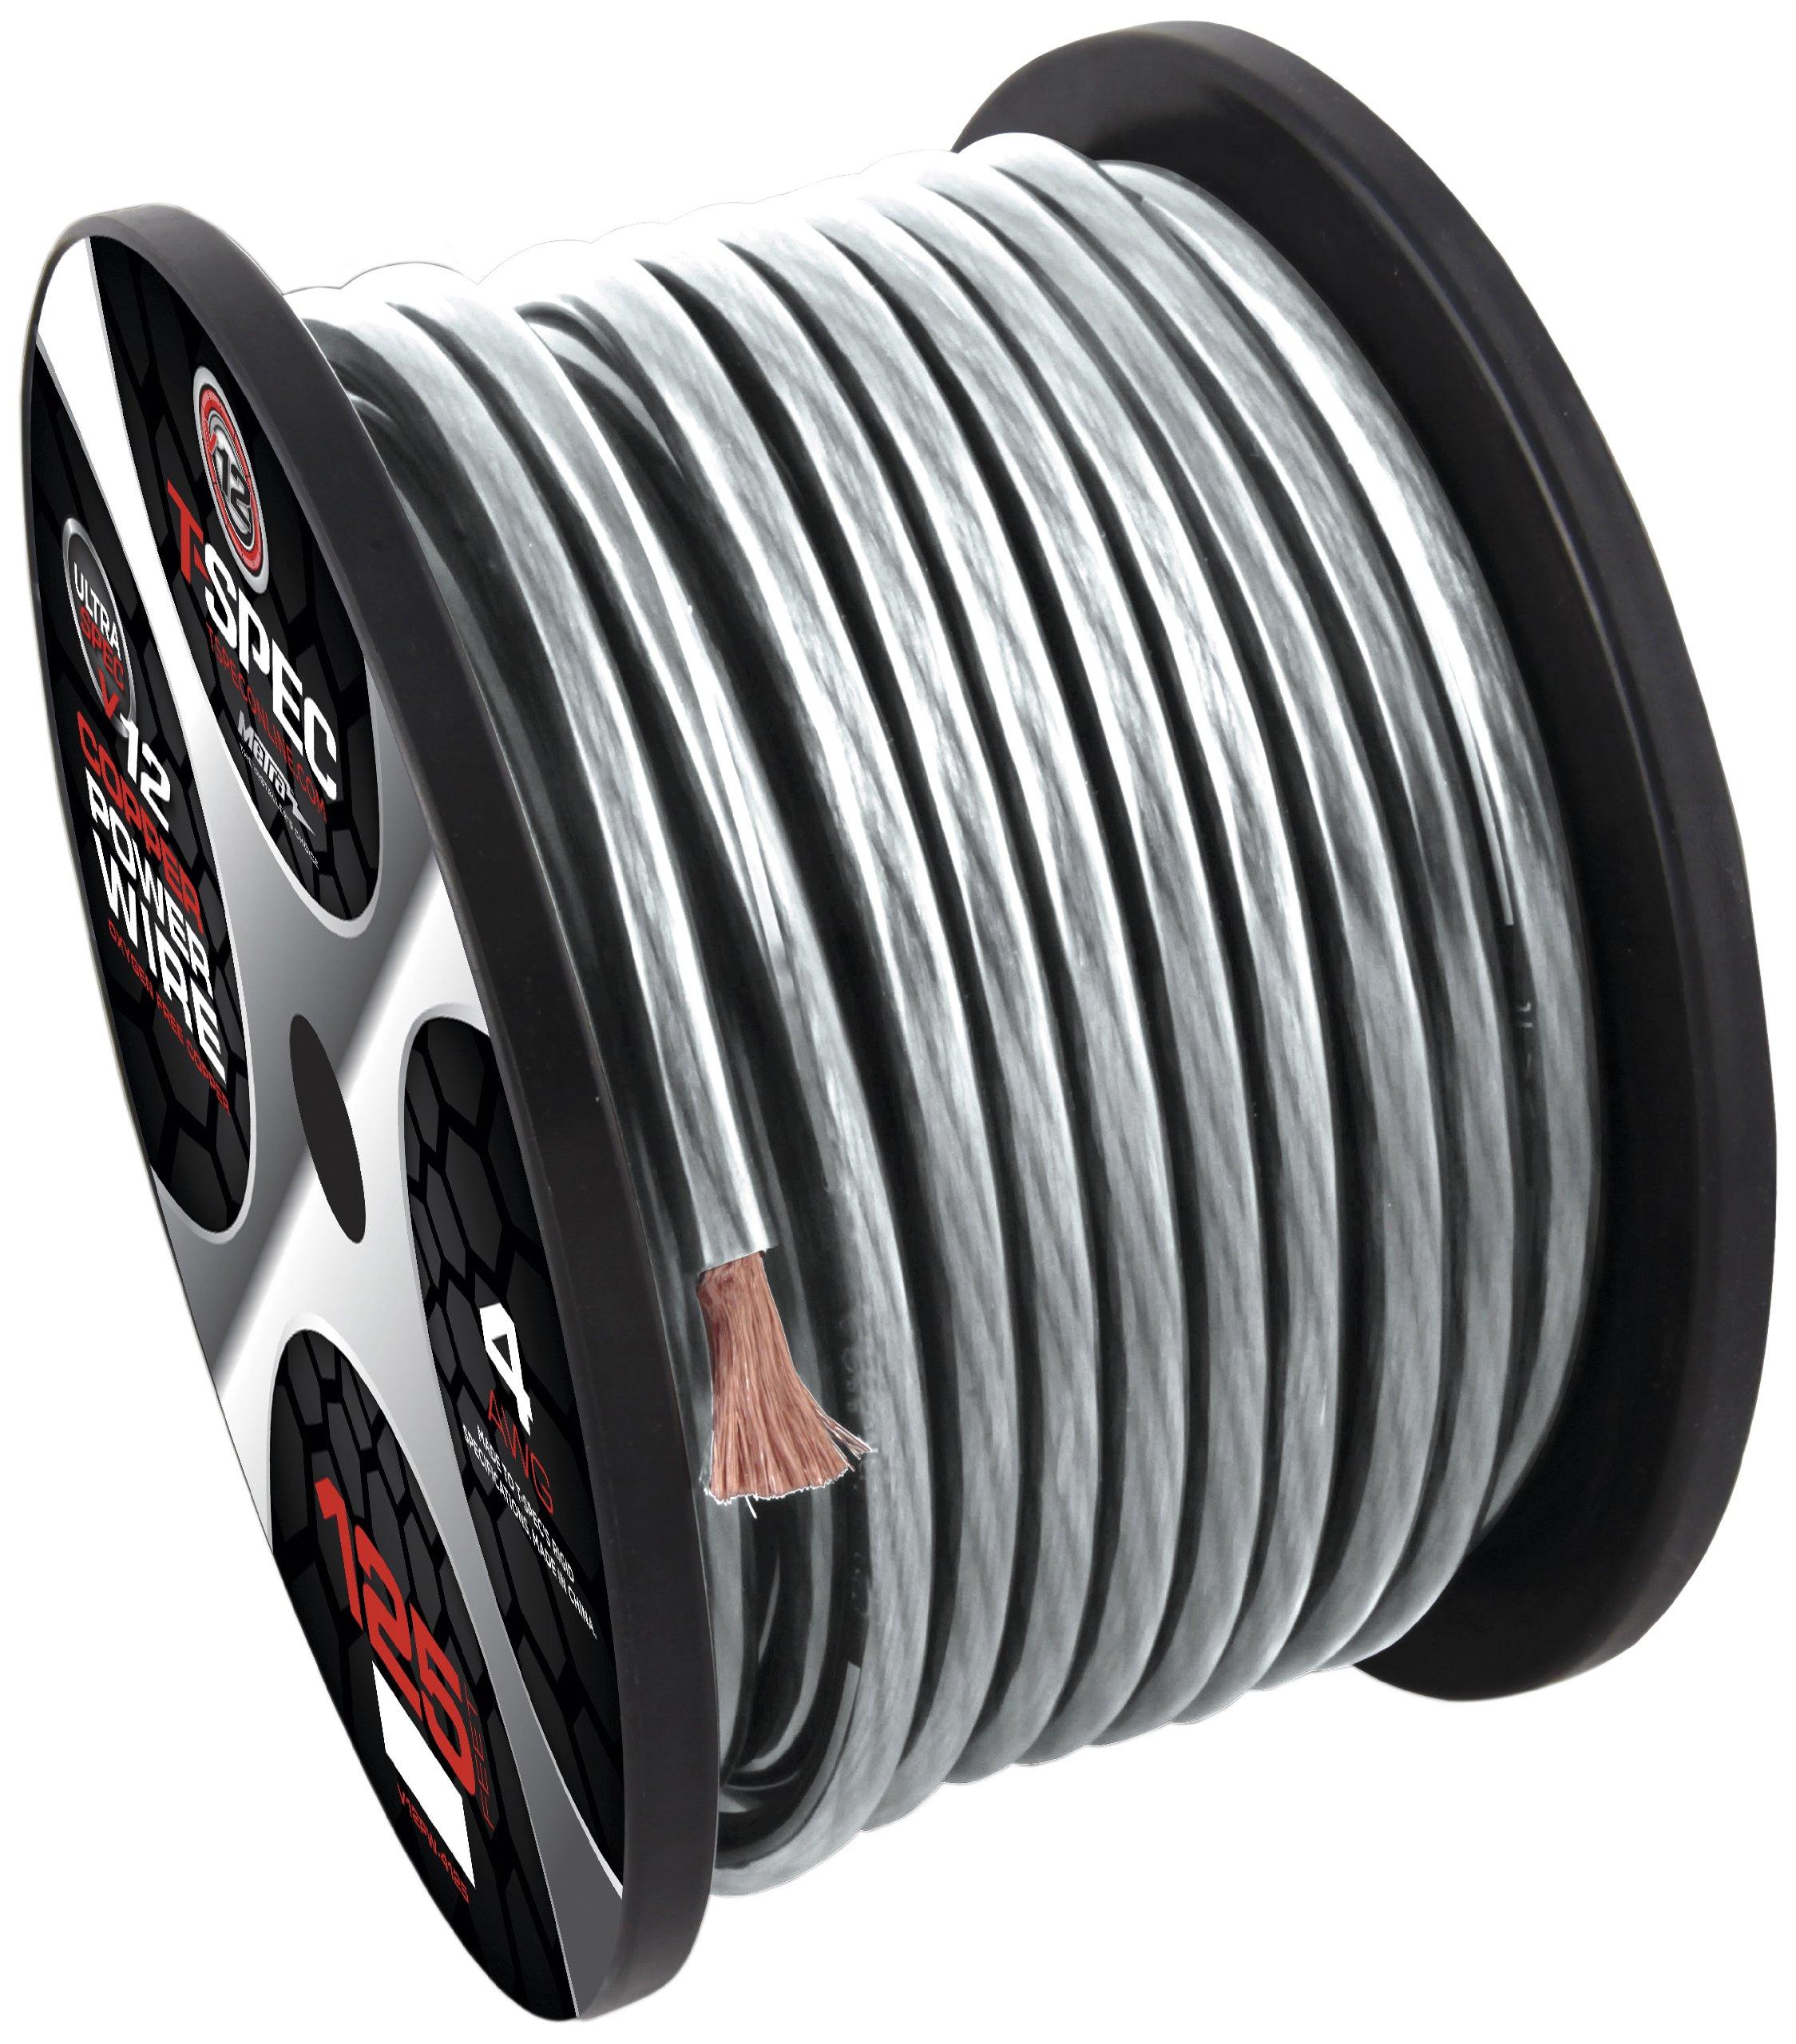 T-Spec V12GW-8250 V12 Series Power Wire Spools 8 AWG, 250-Feet